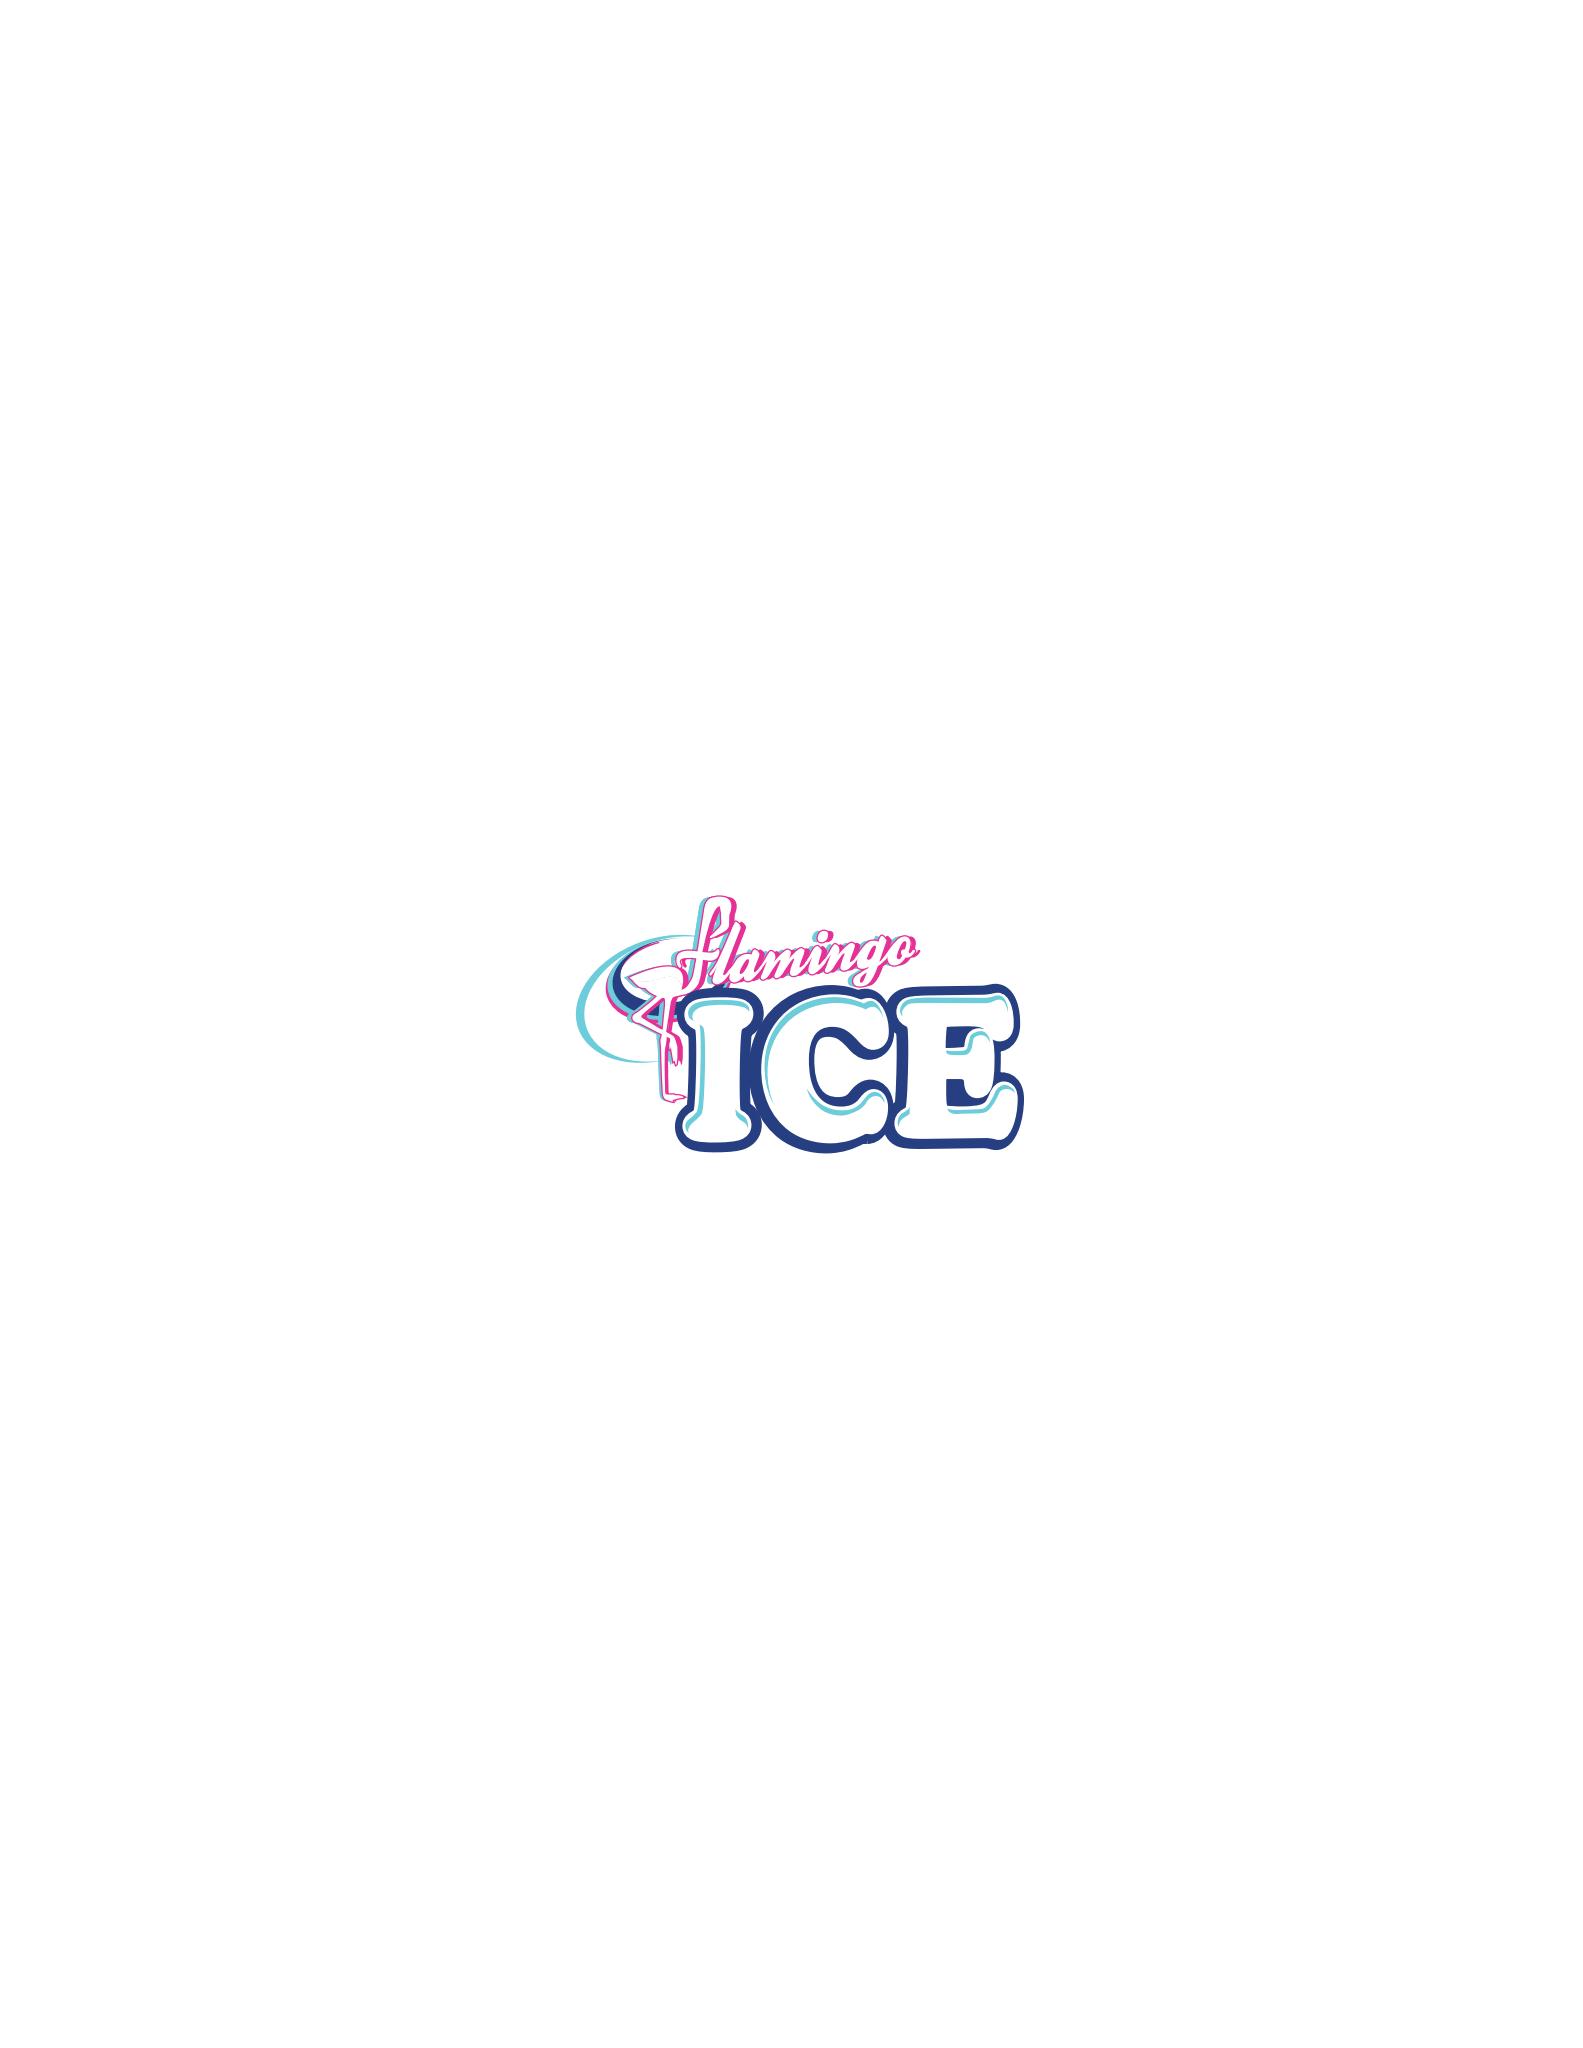 Flamingo Ice